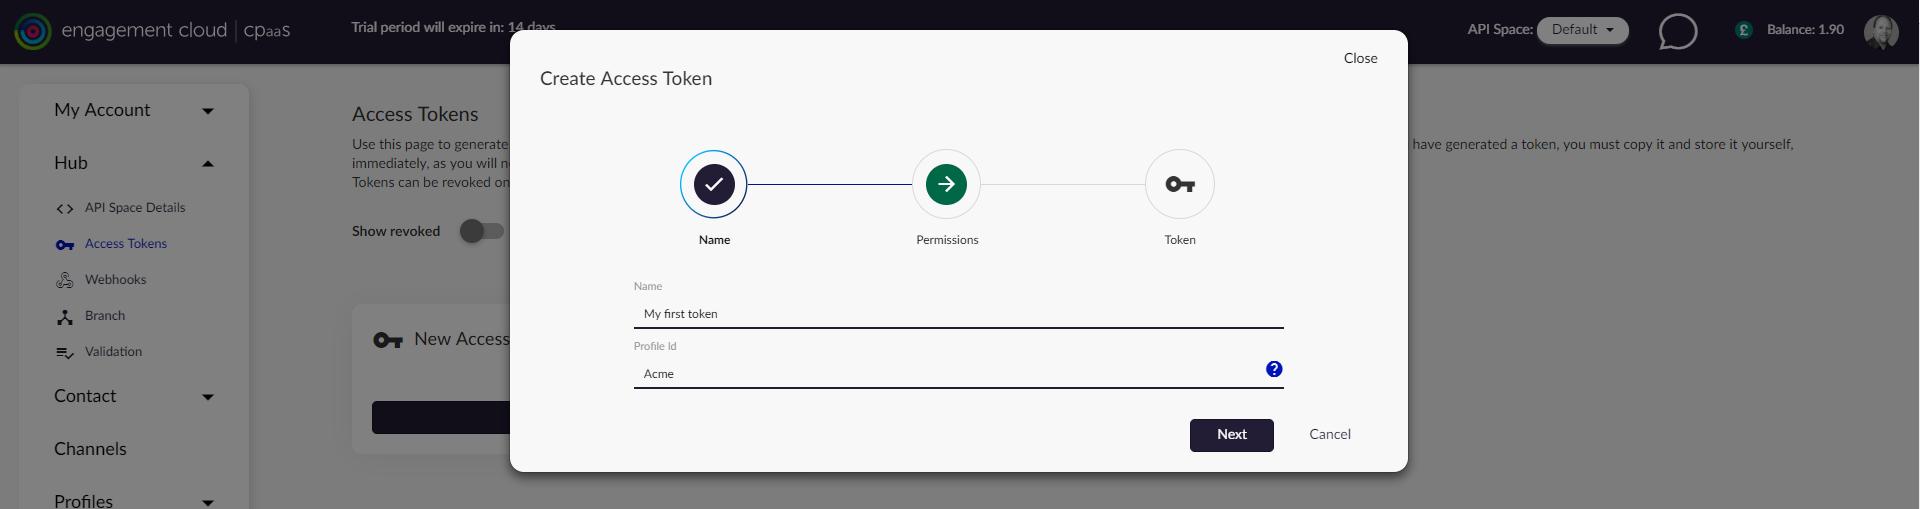 Creating an access token